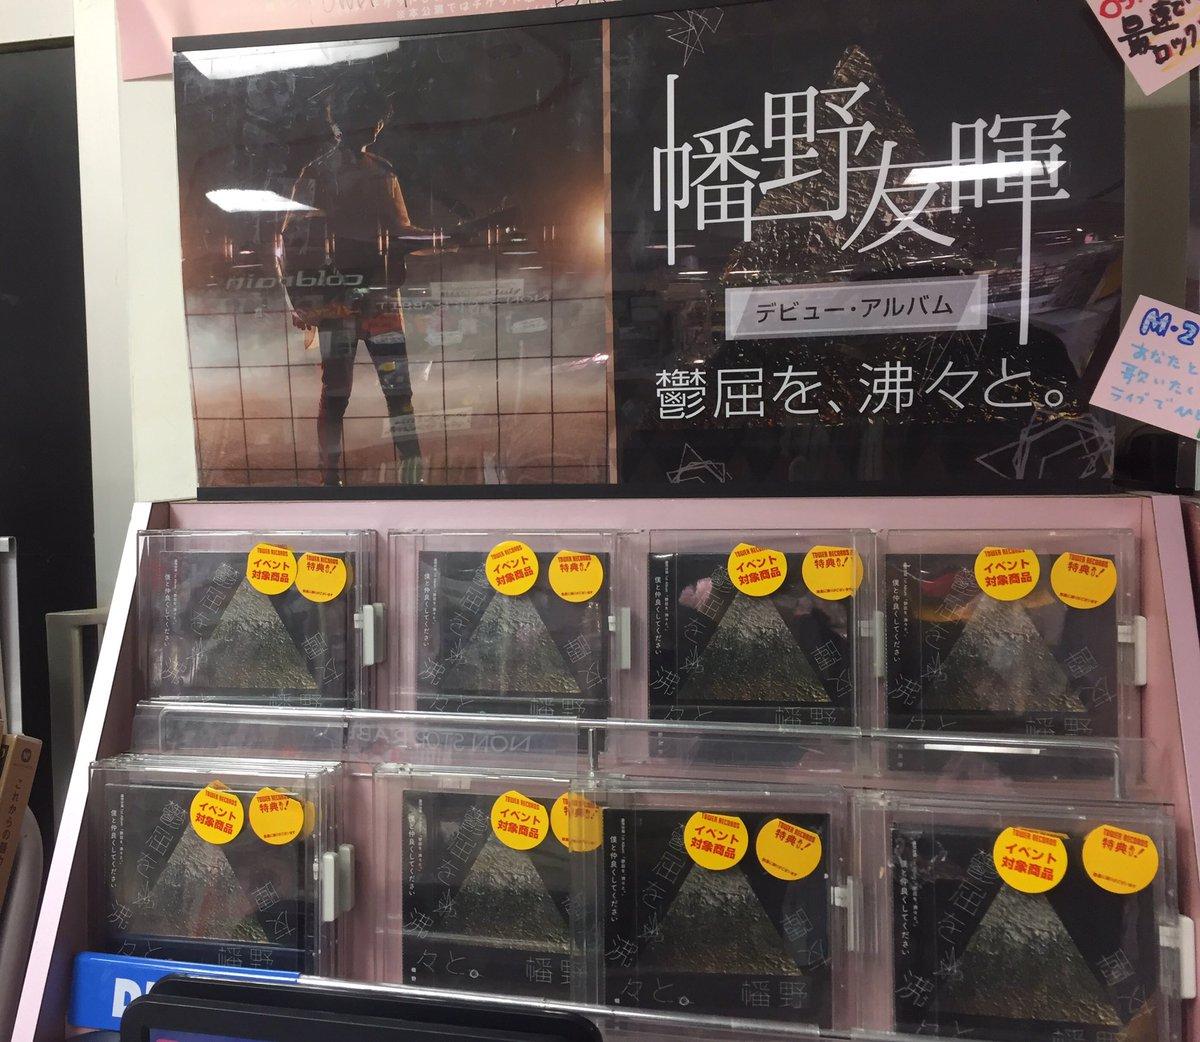 タワーレコード名古屋近鉄パッセ店's photo on #CD入荷情報